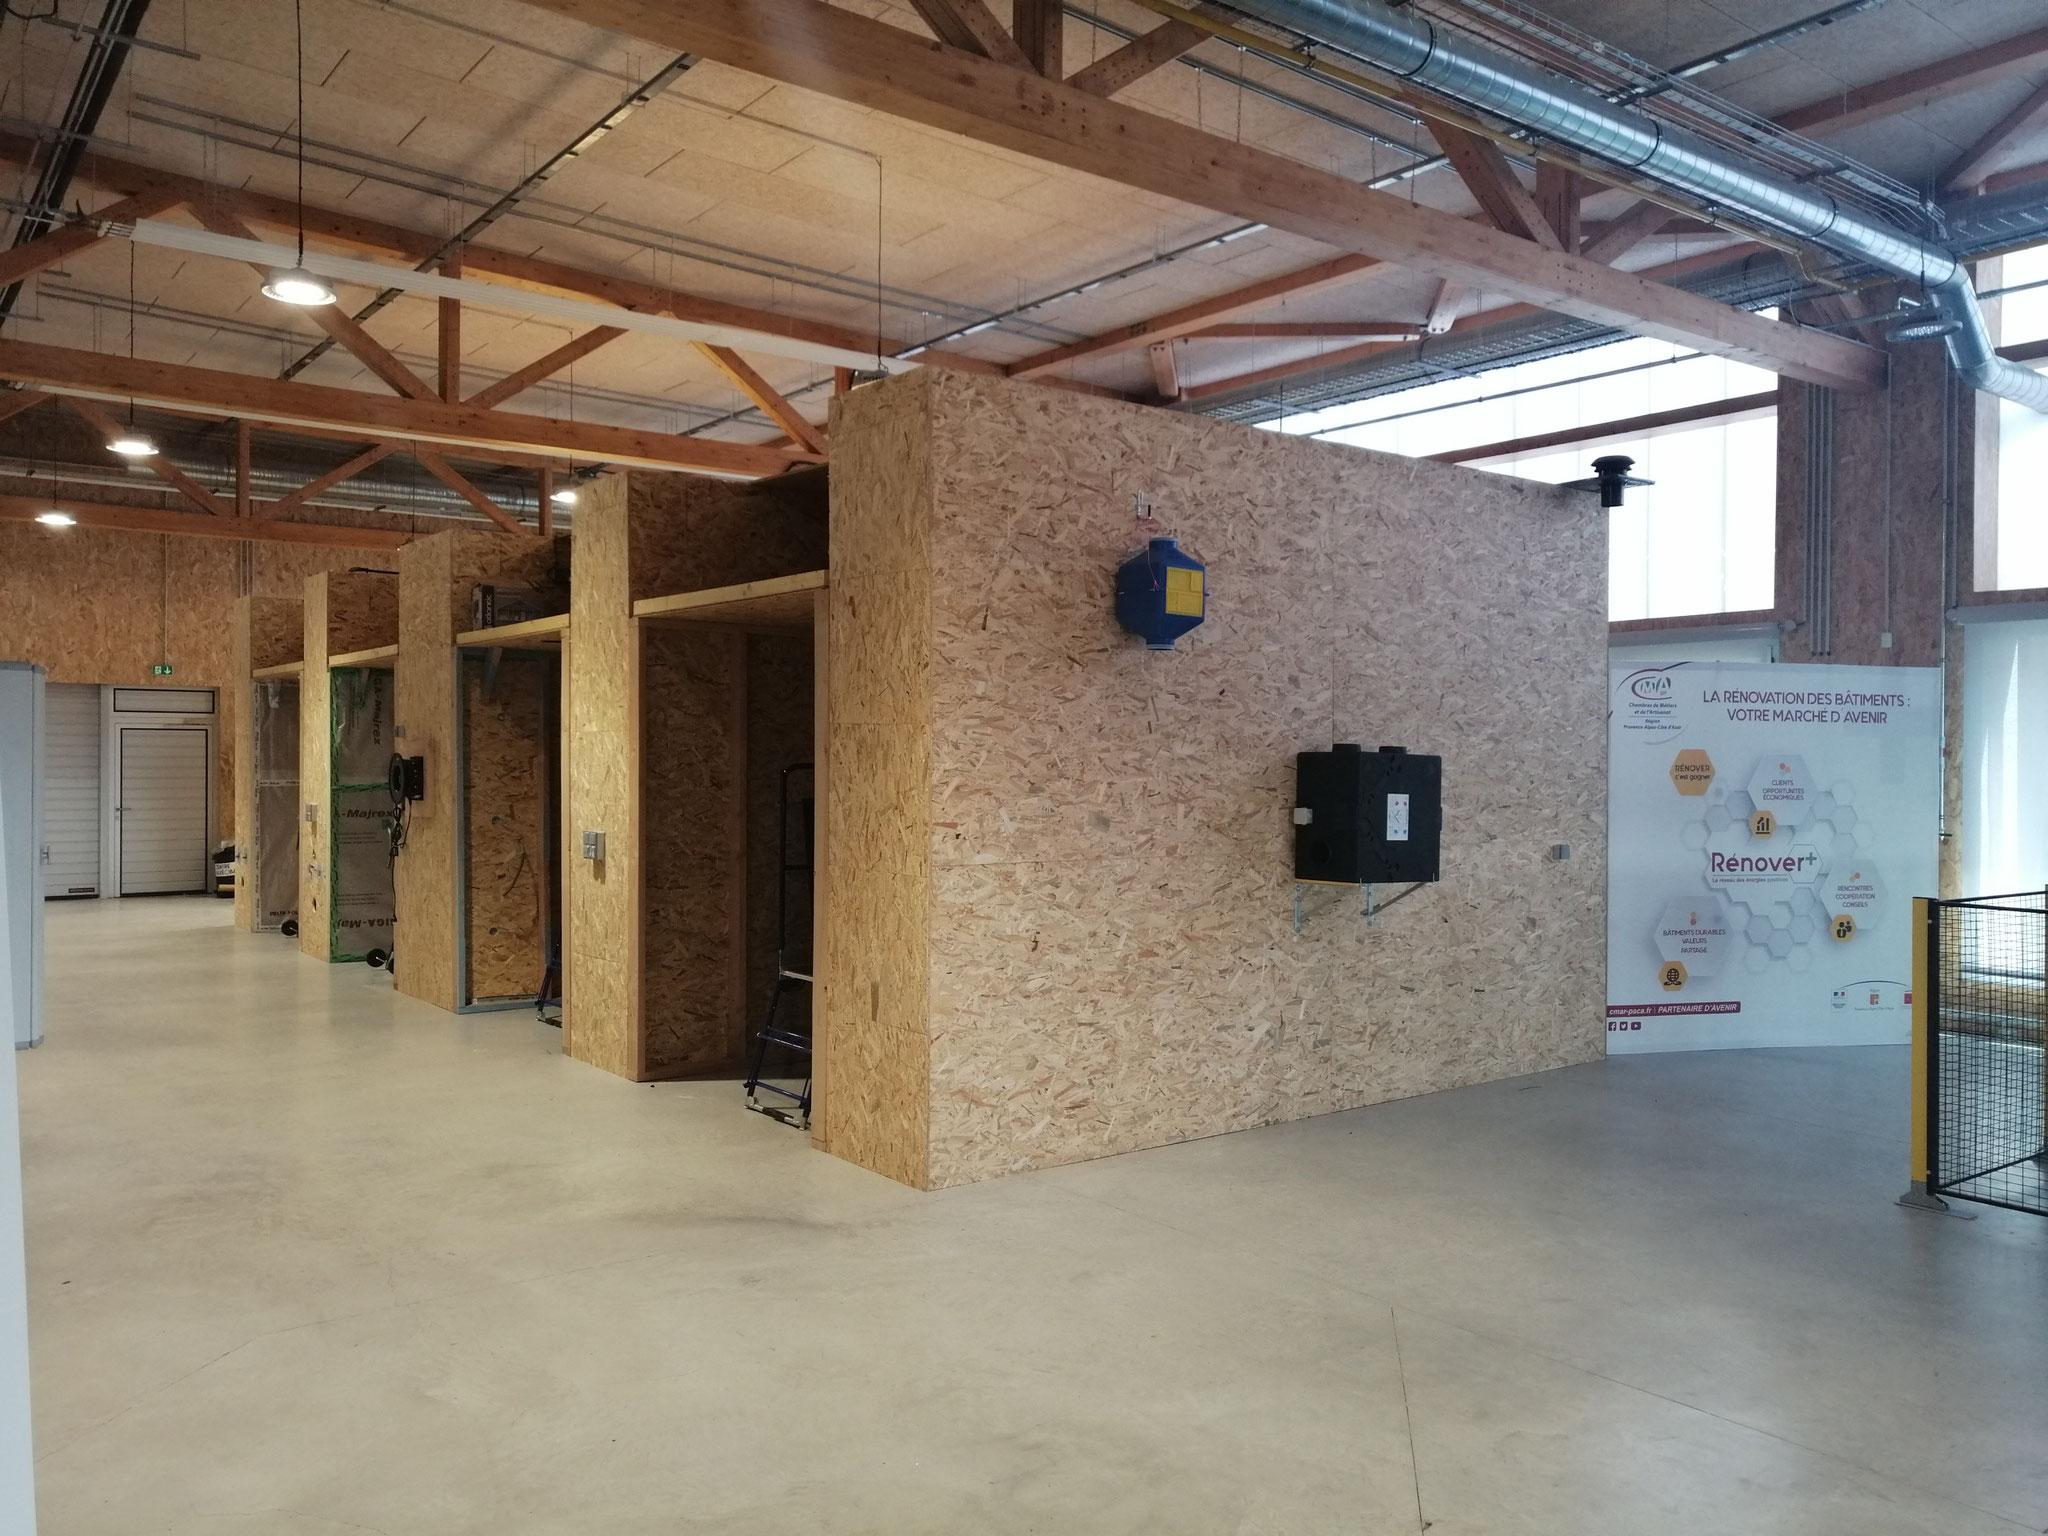 Février 2019 - Formation FEEBAT PAROIS OPAQUES sur le plateau technique Praxibat® de l'Eco-Campus Provence (04) - En partenariat avec la CMA PACA